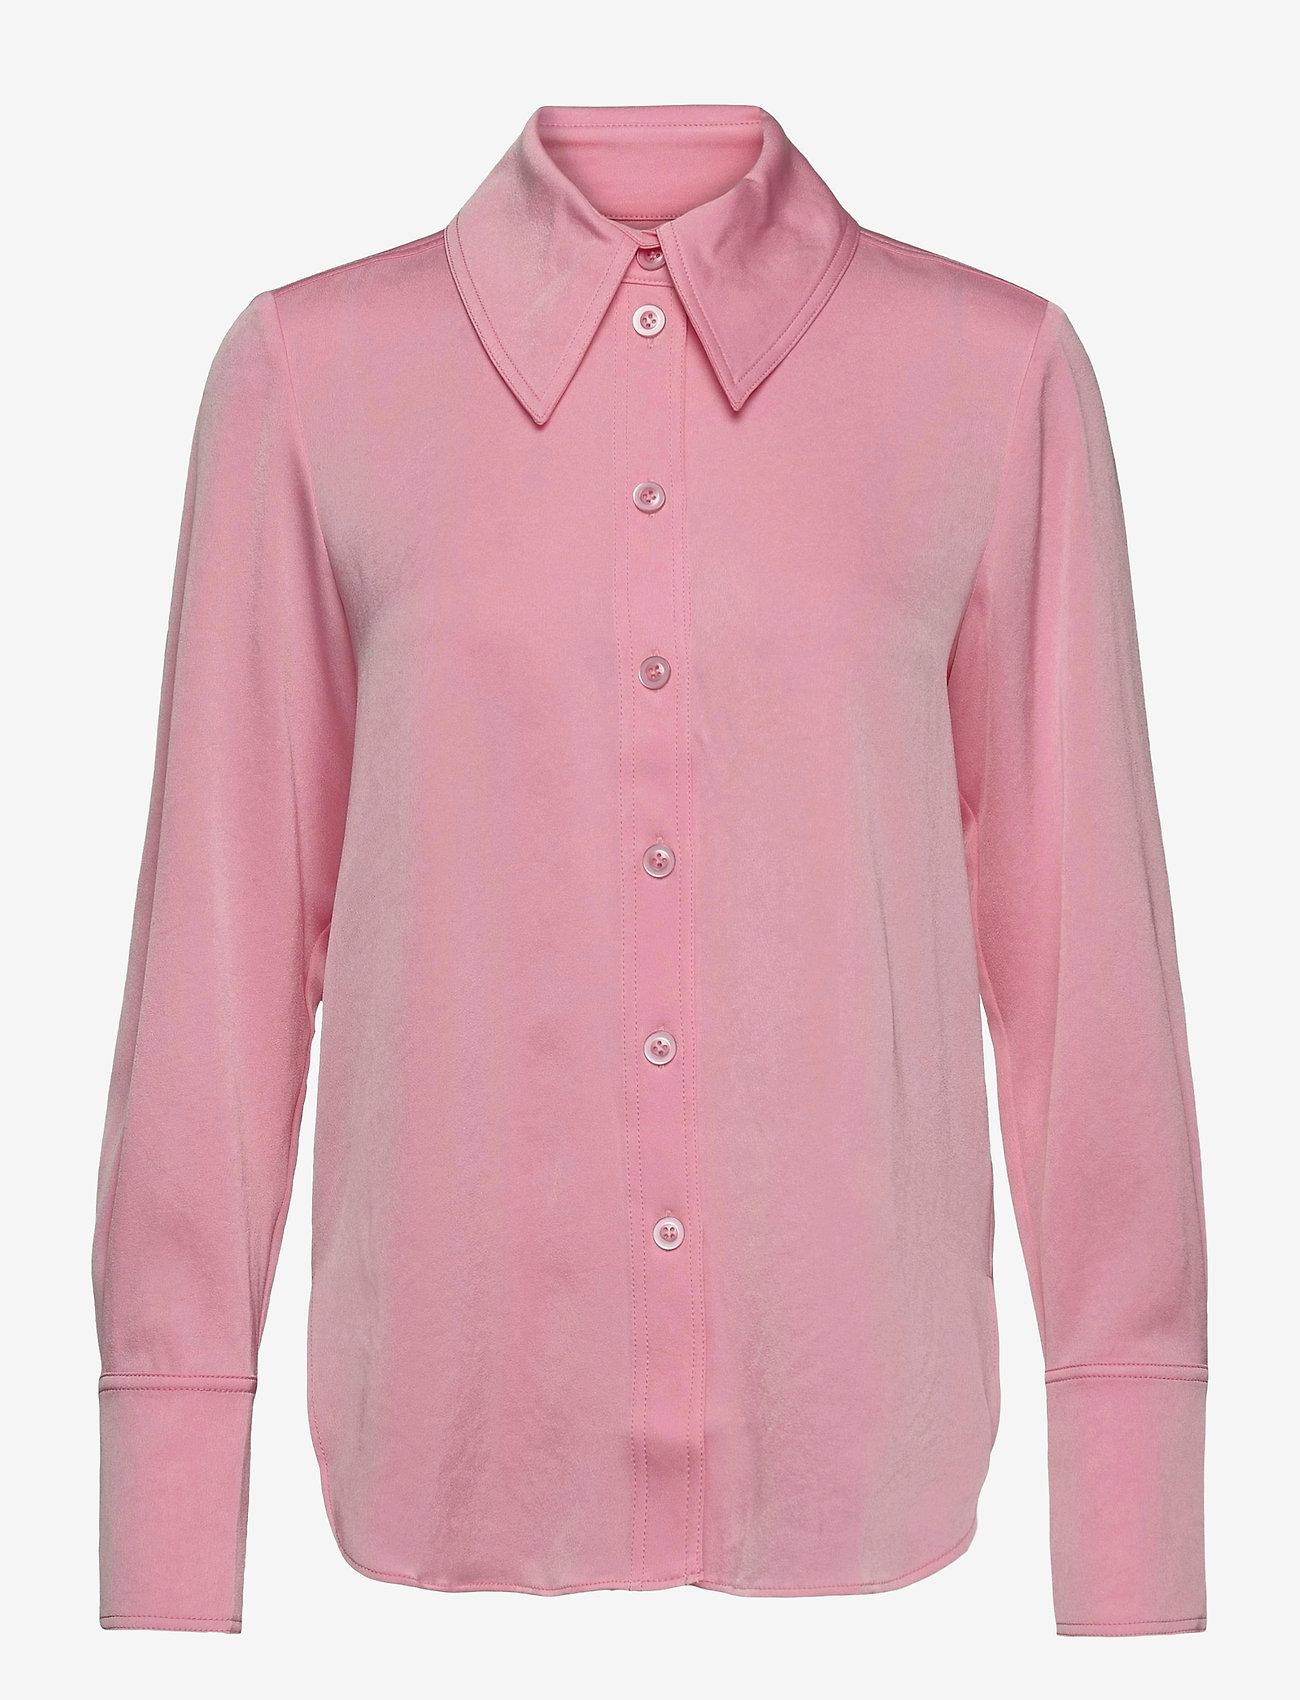 STINE GOYA - James, 1137 Sheen Cady - langærmede skjorter - pink - 1